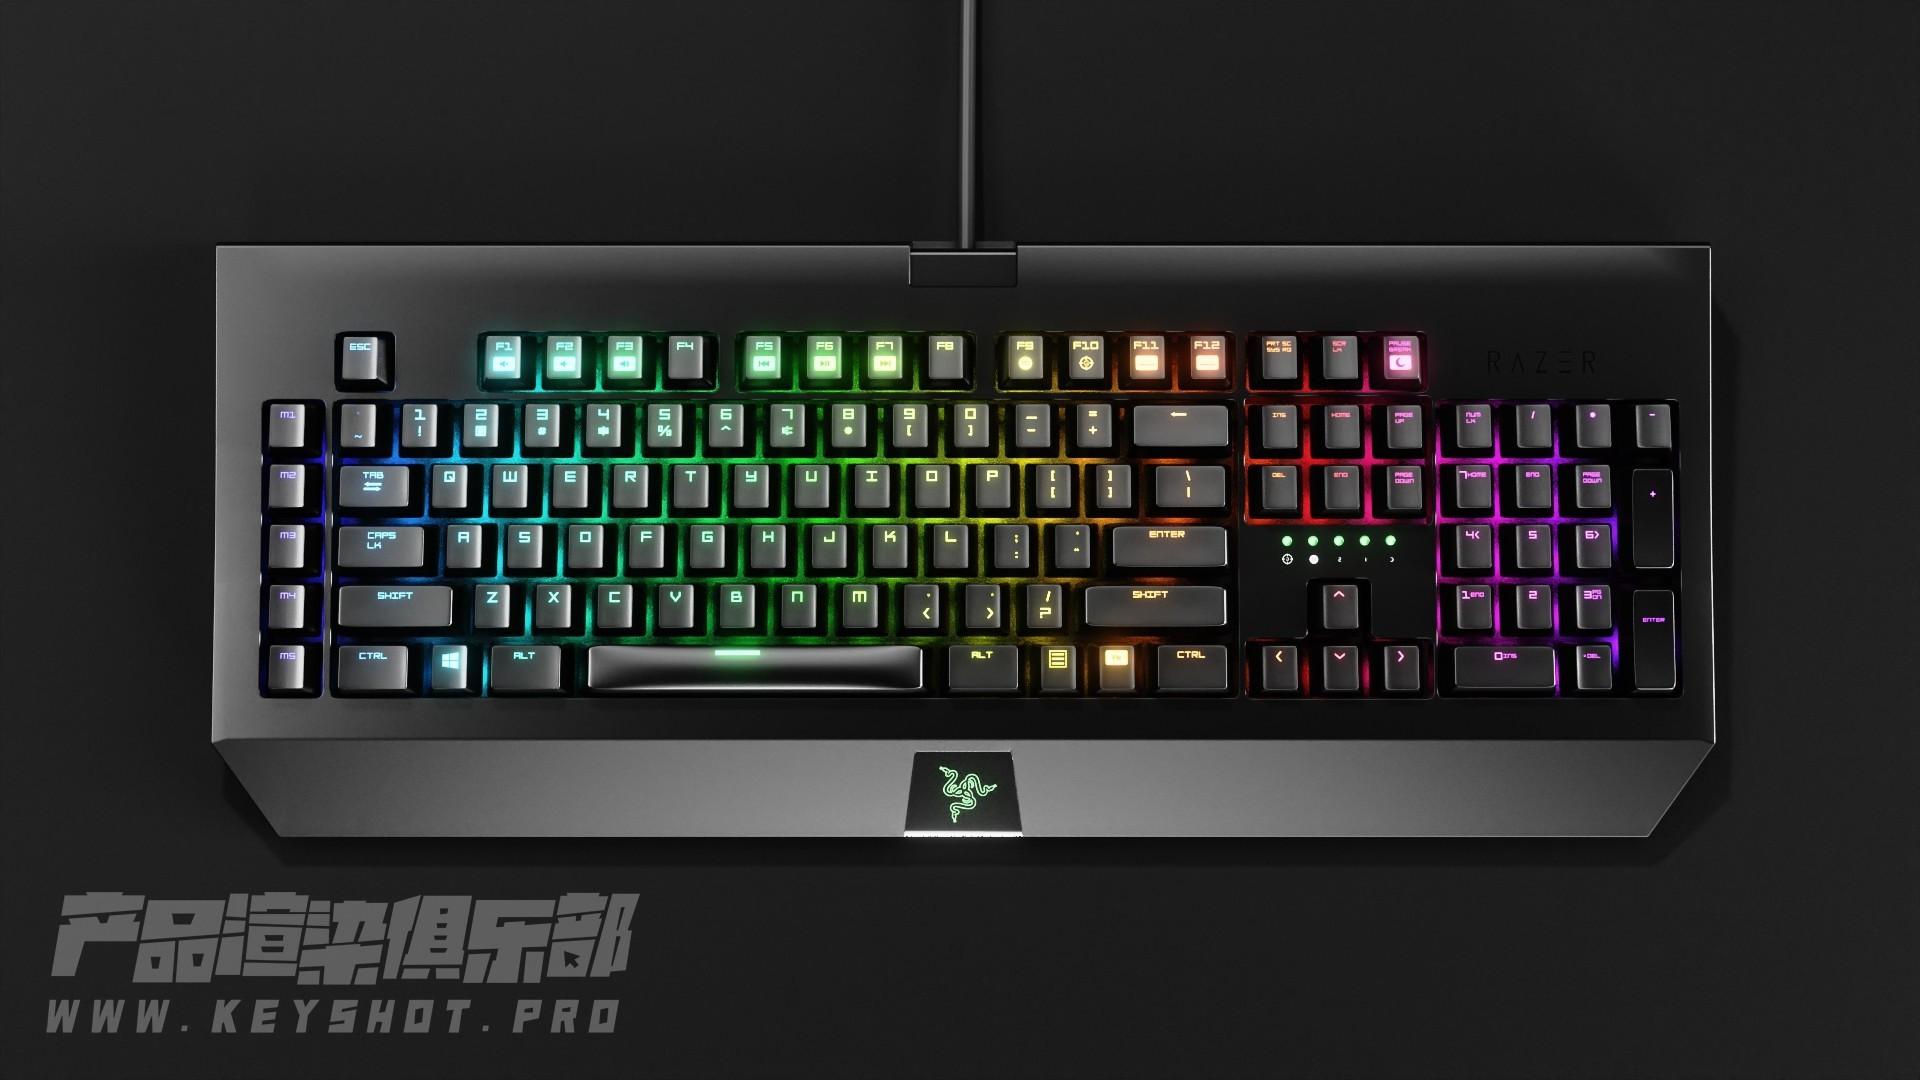 【KEYSHOT10系列】键盘RGB流光动画教程